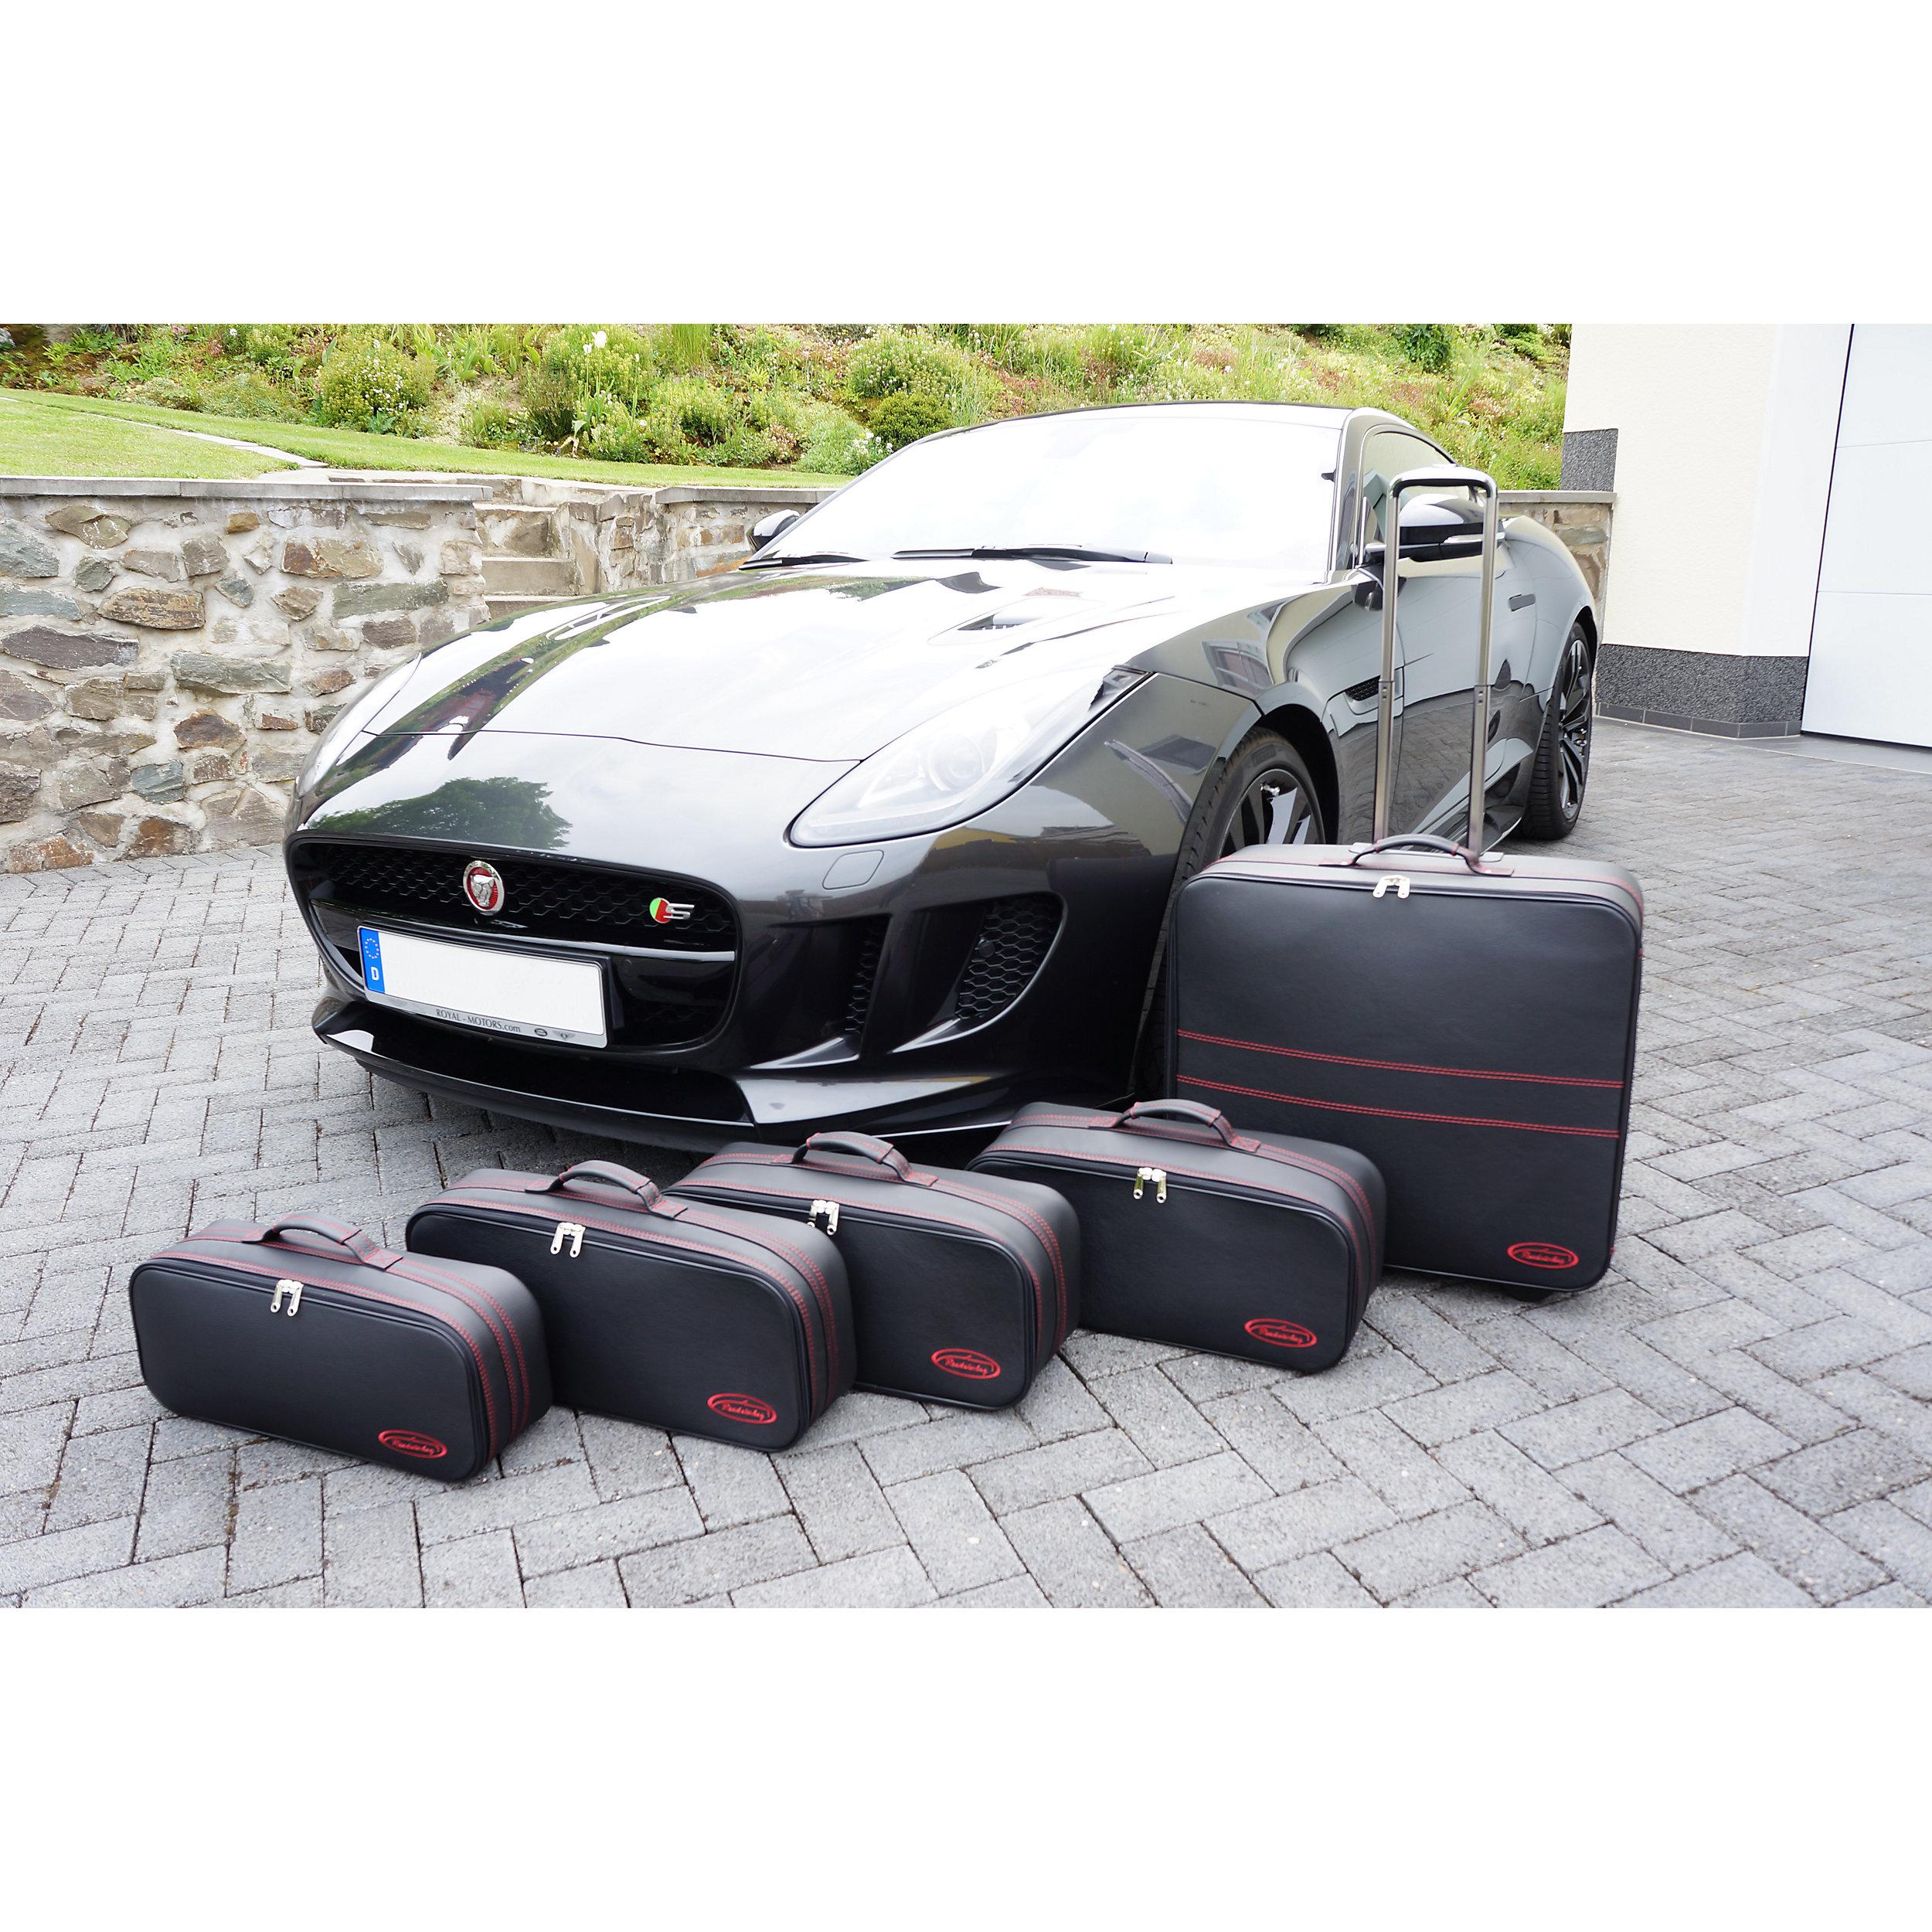 5-part Luggage Set with 2 wheels Jaguar F-Type Coupé XXL